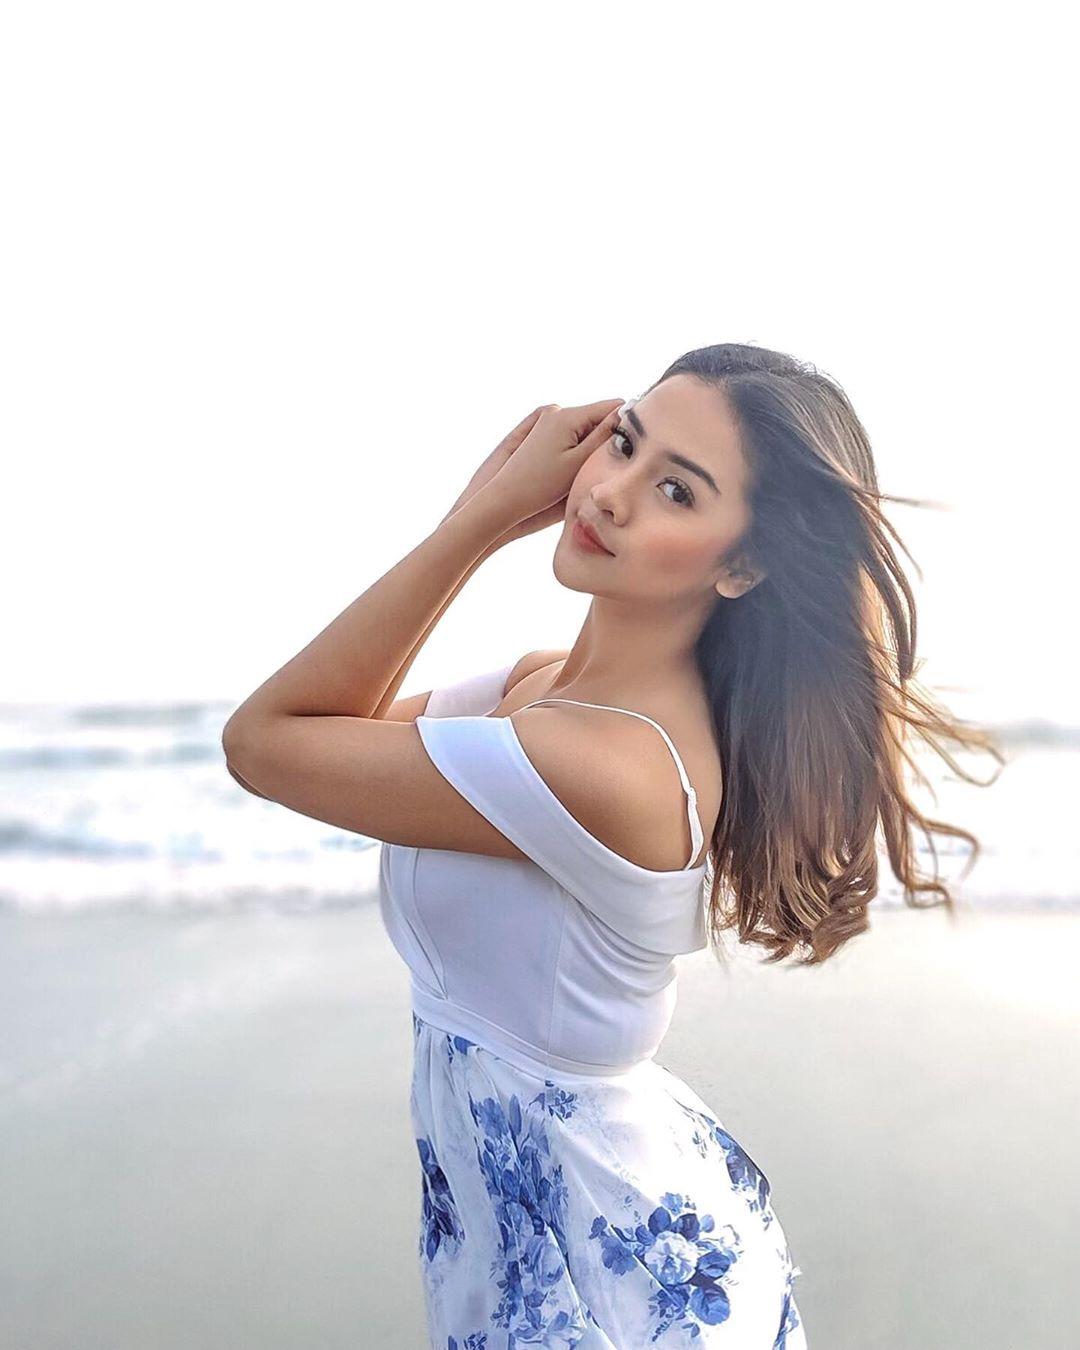 Anya Geraldine cantik dan seksi pantai Karing